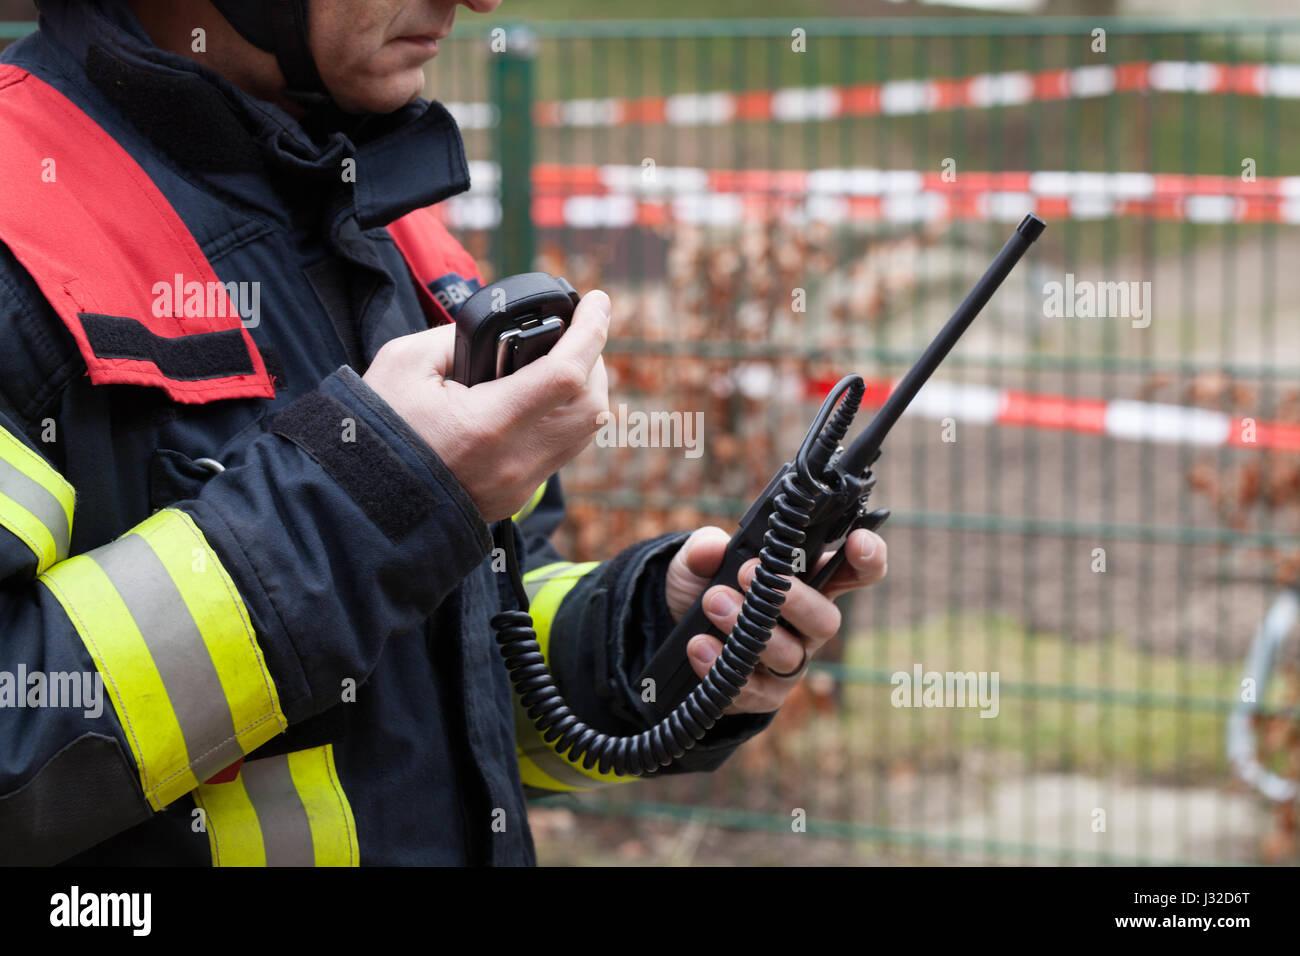 Deutsche Feuerwehr-Führer verwendet ein Walkie-Talkie in Aktion Stockbild